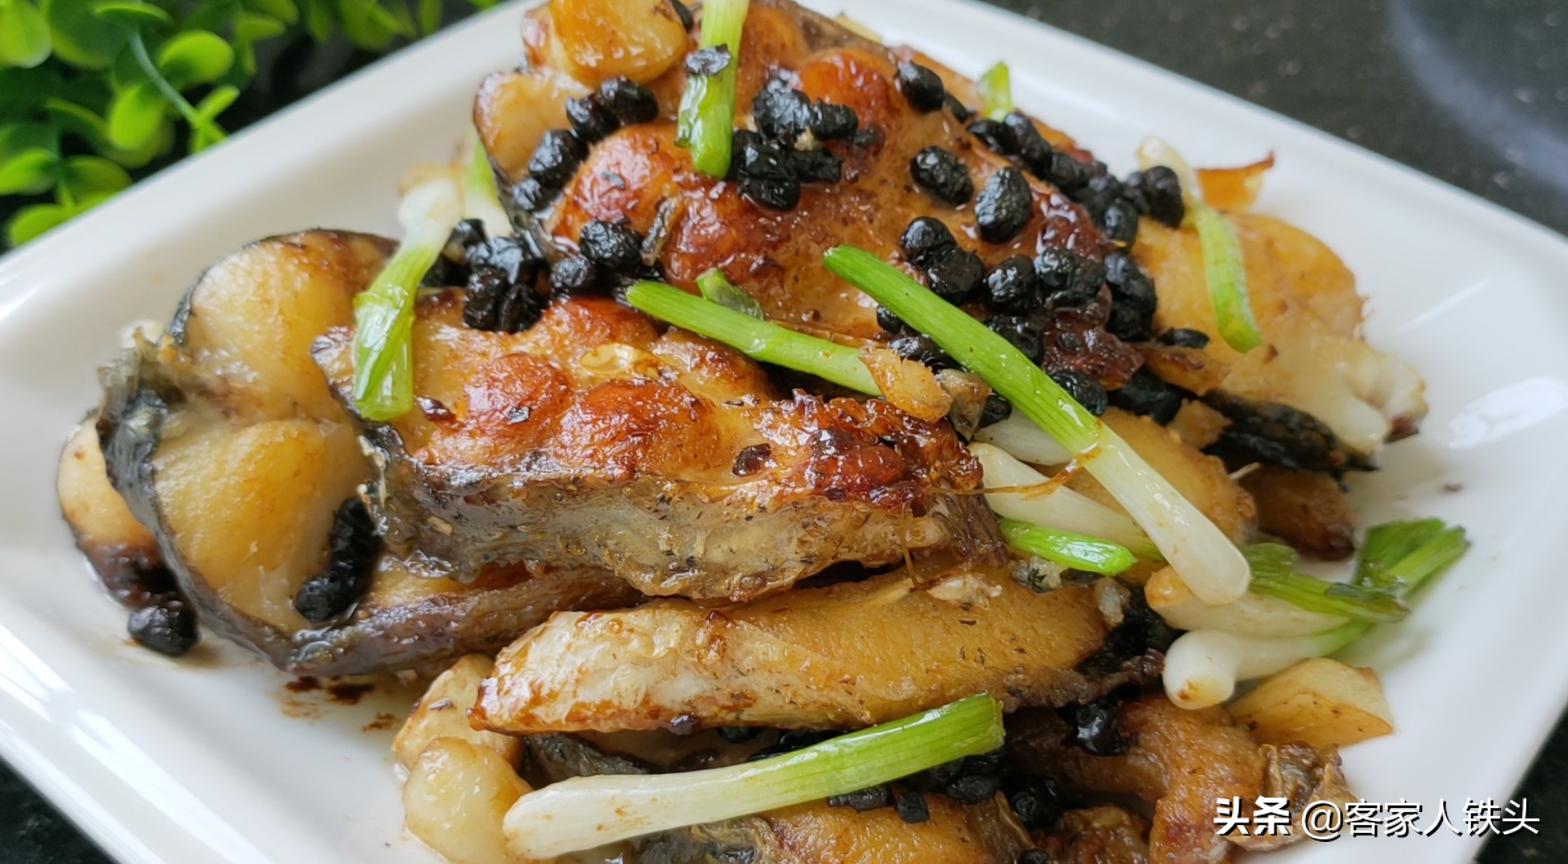 愛吃魚? 試試客家一道草魚做法,簡單又好吃,3斤出鍋吃完想舔盤